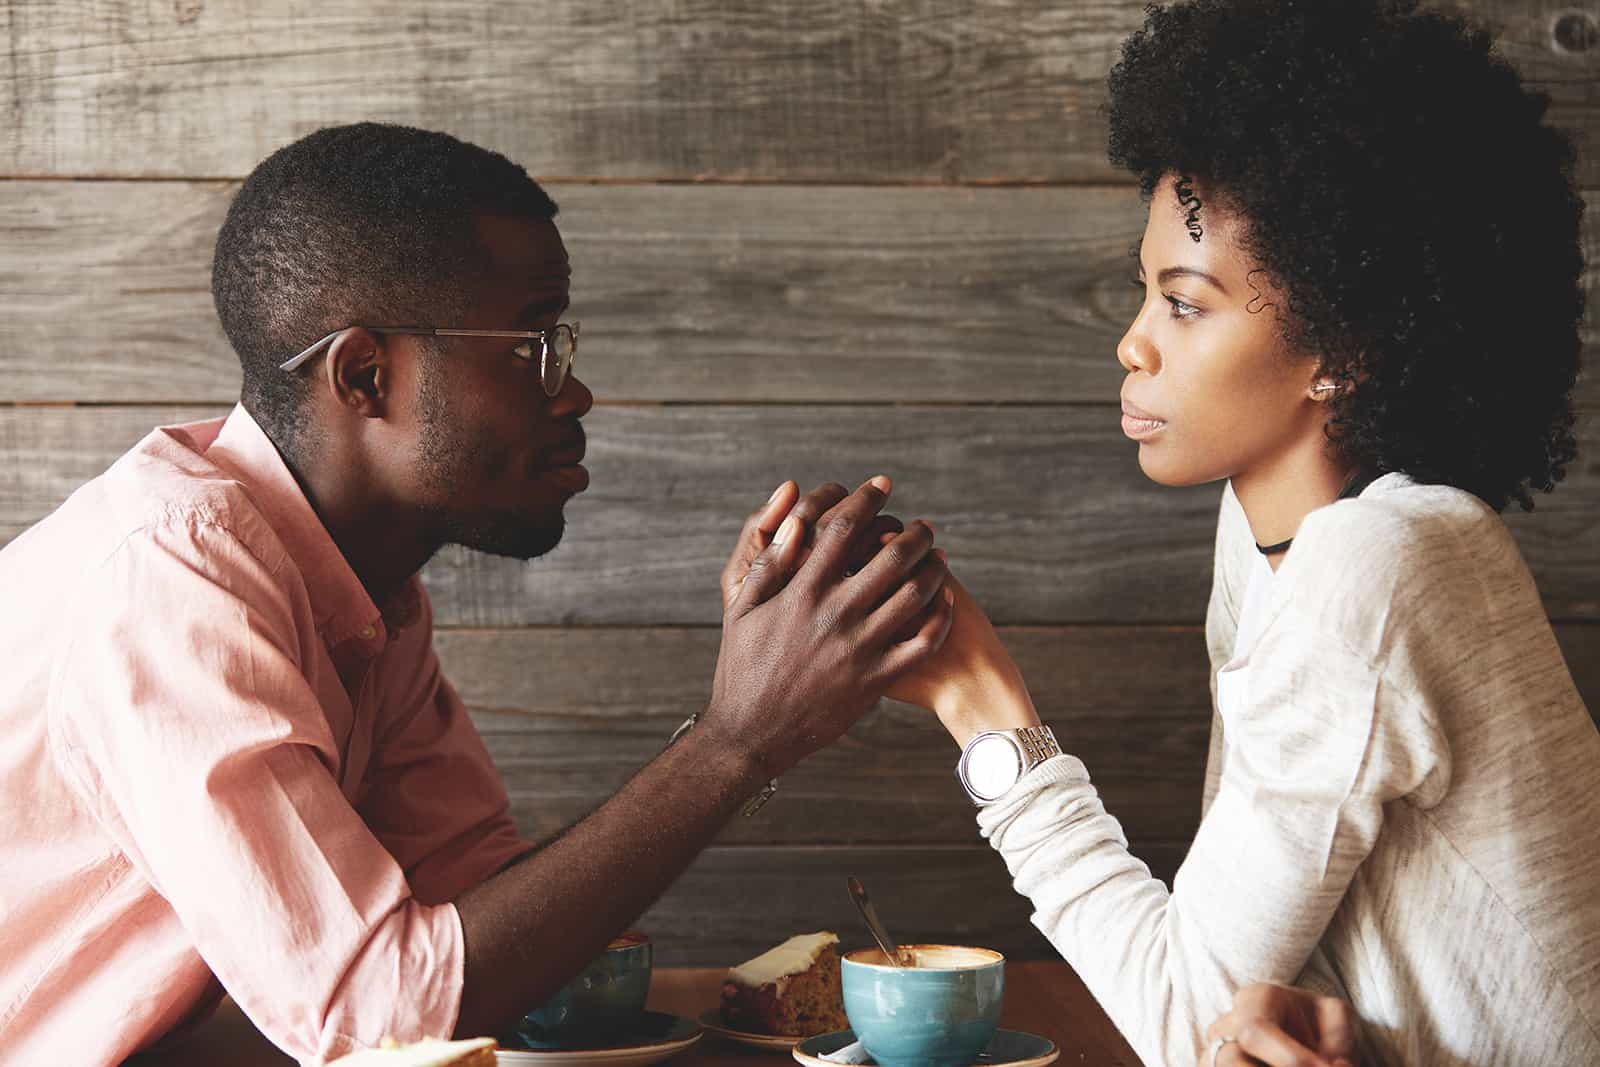 Verzeihen Sprüche: Befreie Dich Von Groll Und Wut Und Veredle Dein Herz